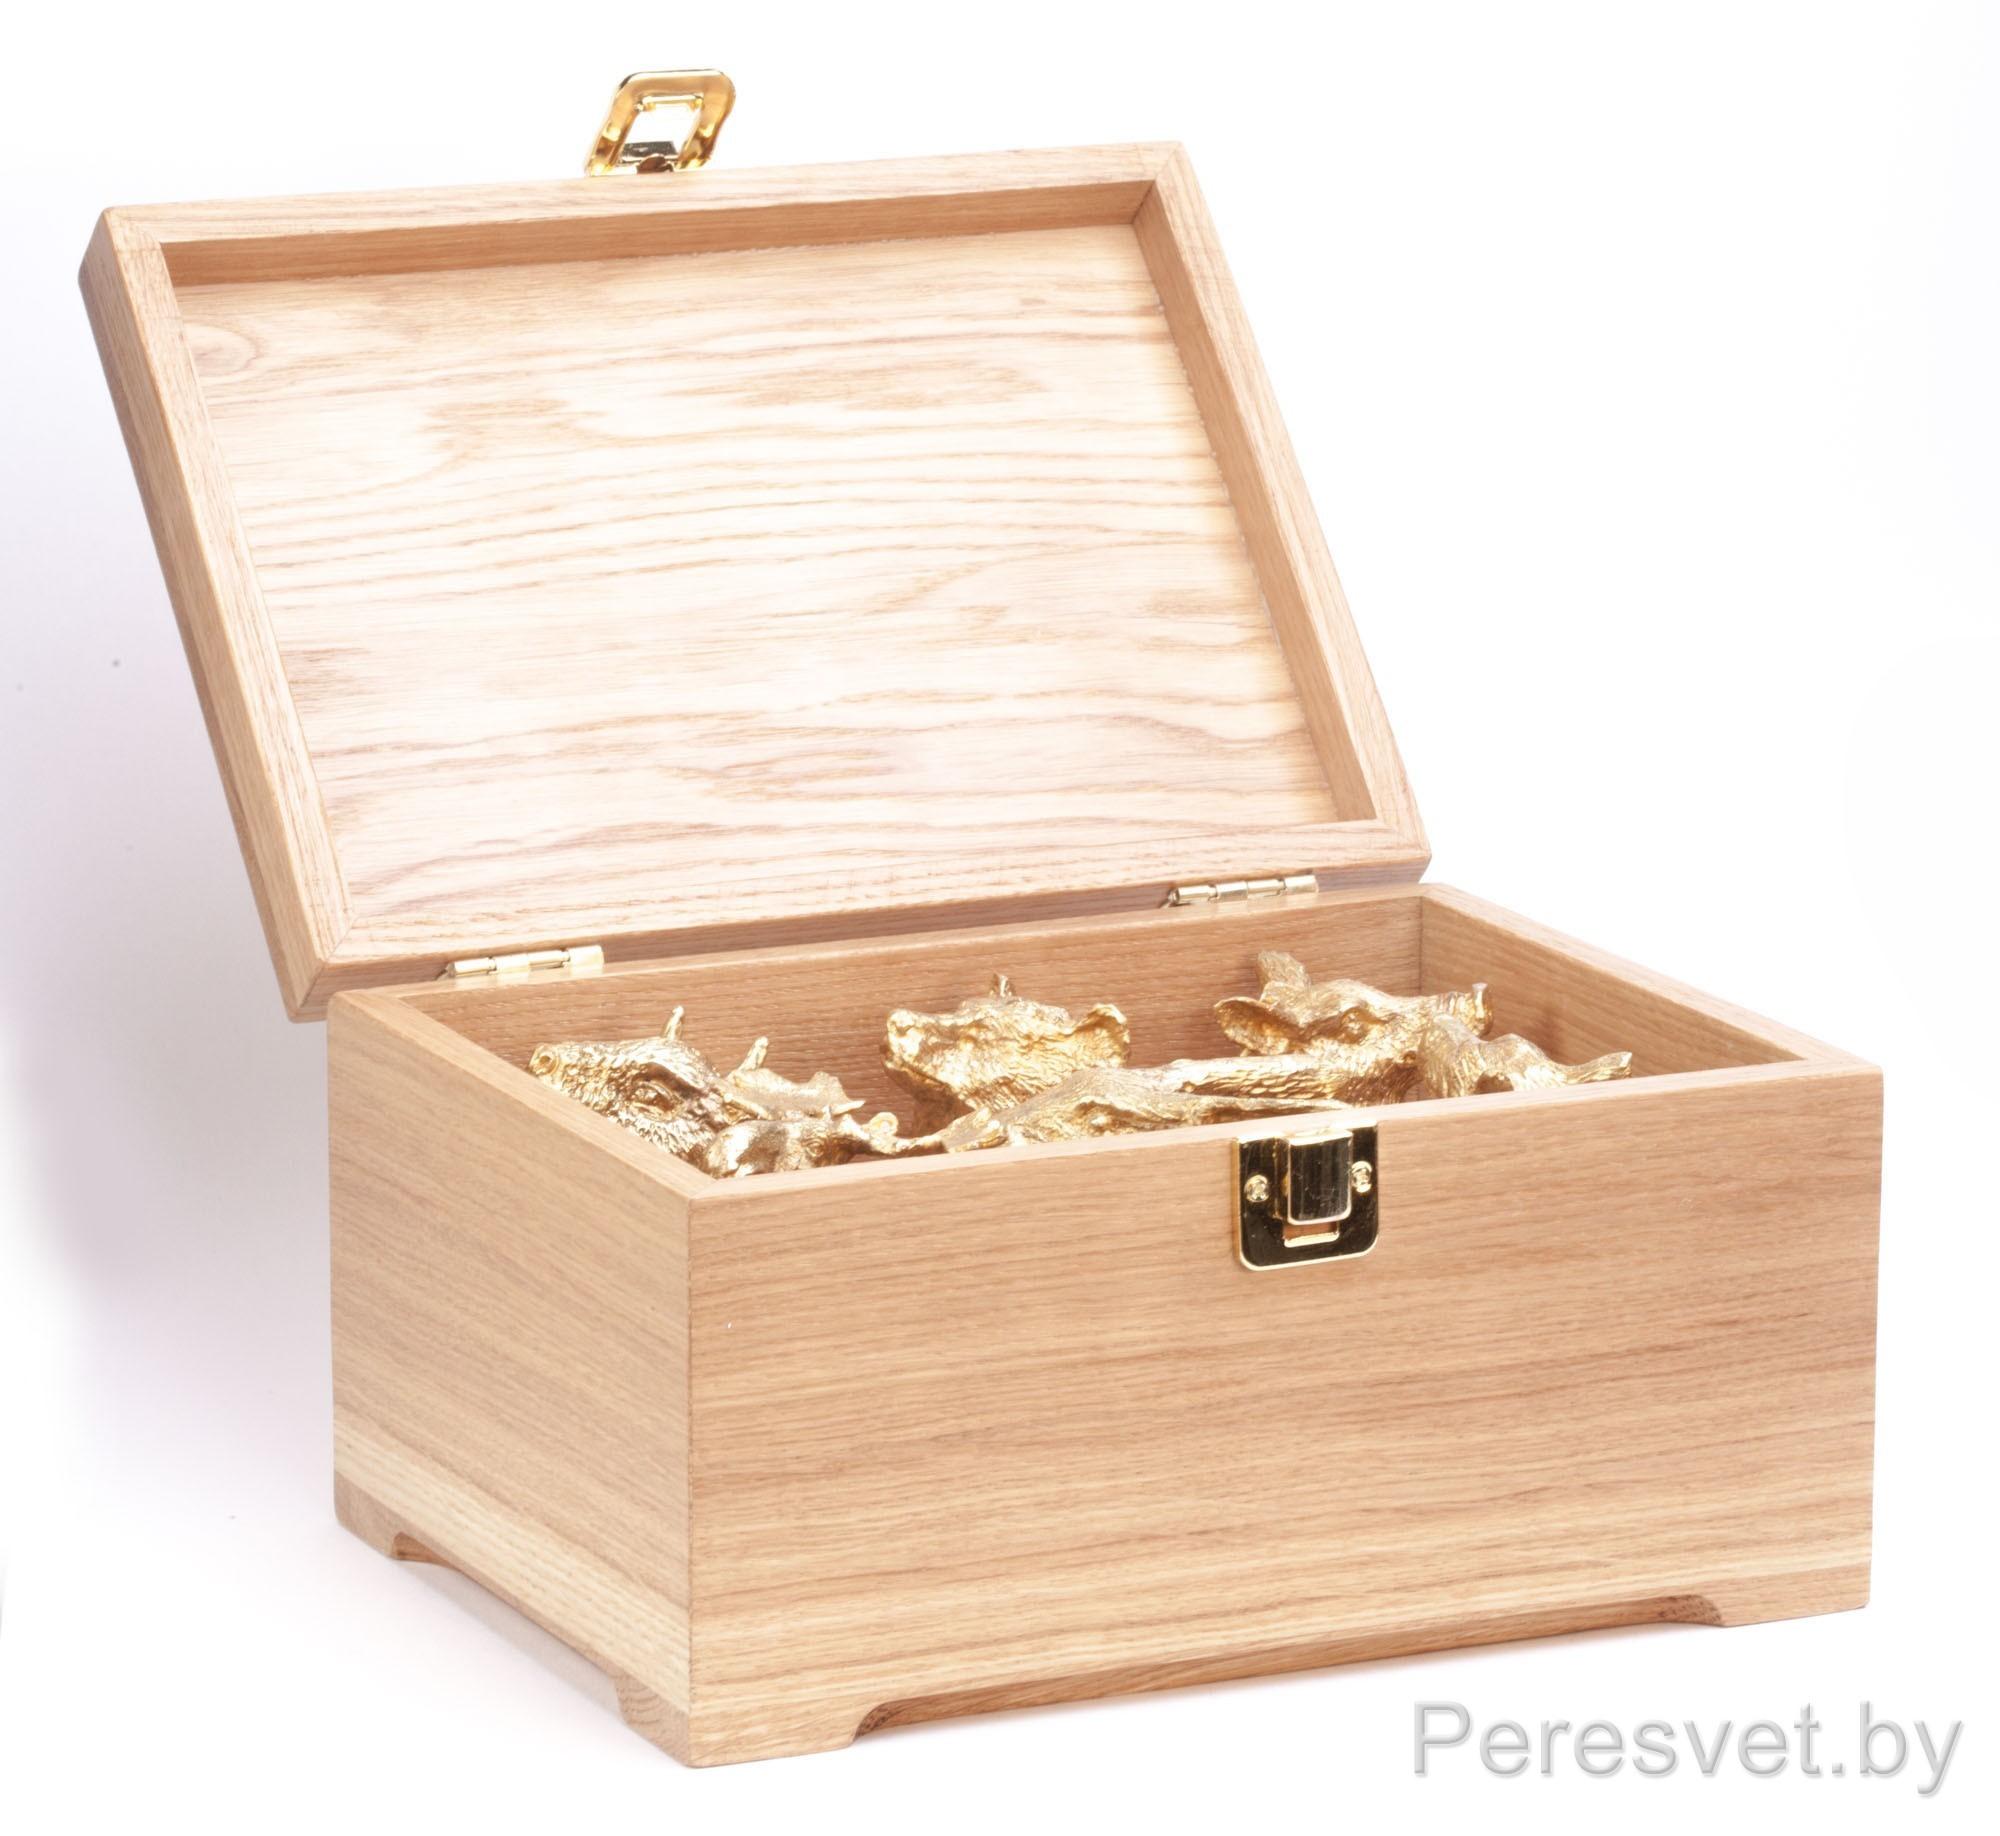 Рюмки перевертыши подарочный набор Охотничьи трофеи дуб №2 Бронза на peresvet.by